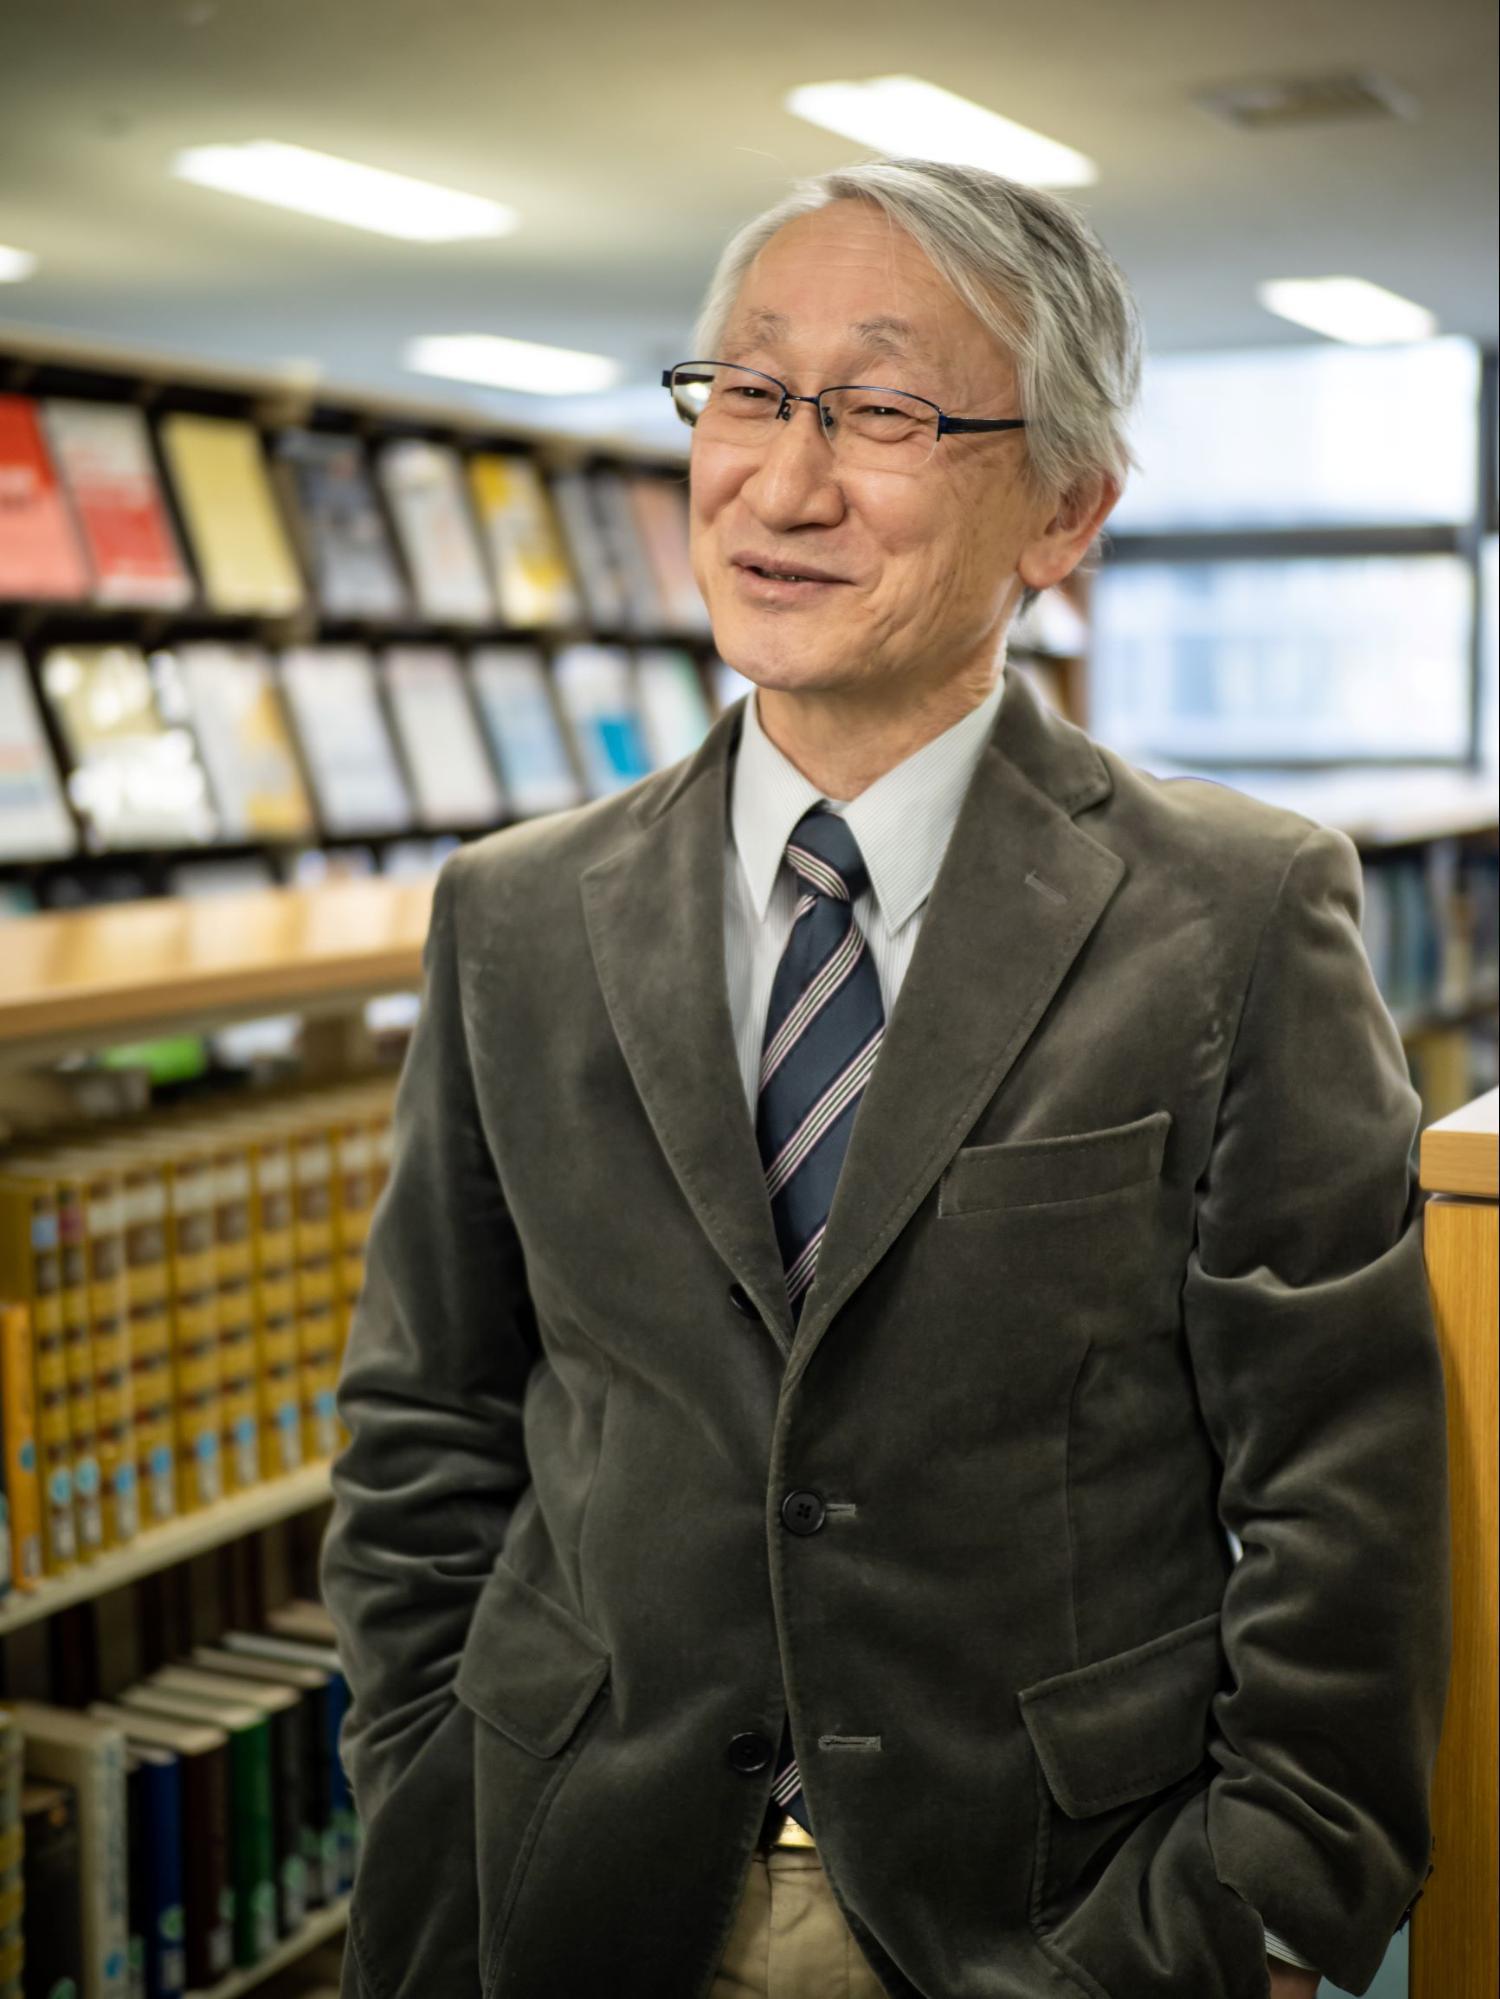 川口淳一郎さんの笑顔の写真